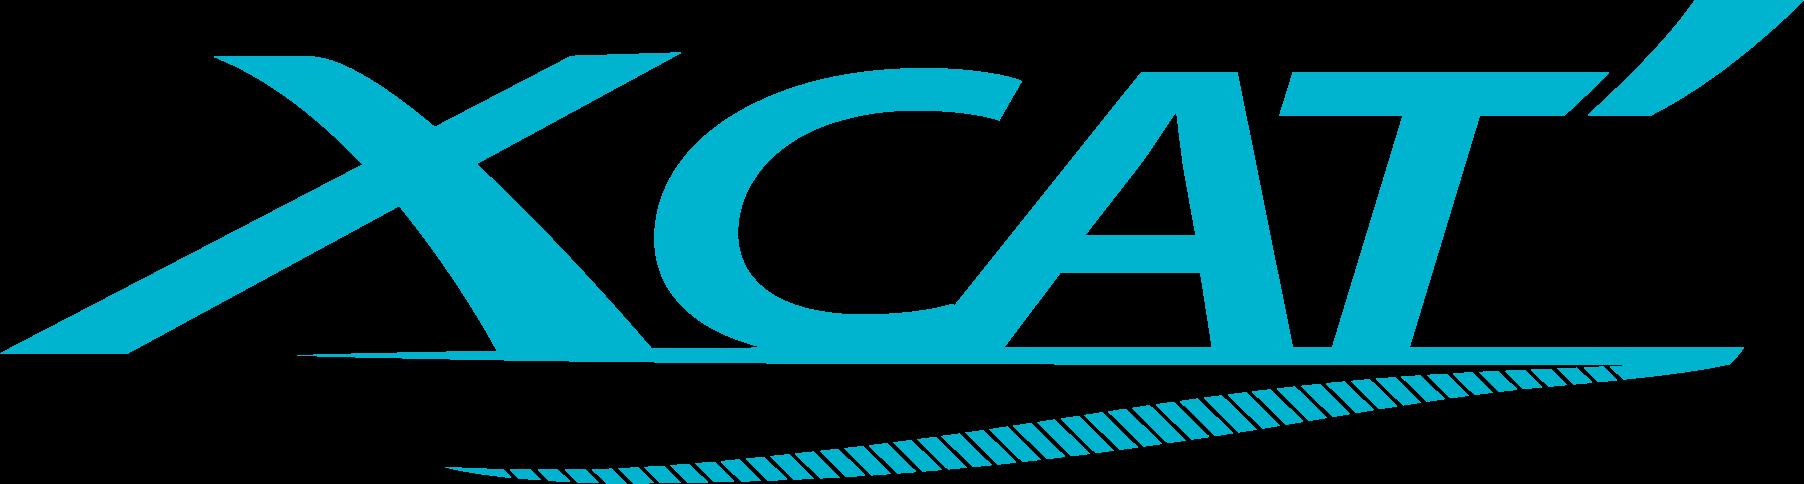 Xcat' Partenaire de vos expériences maritimes